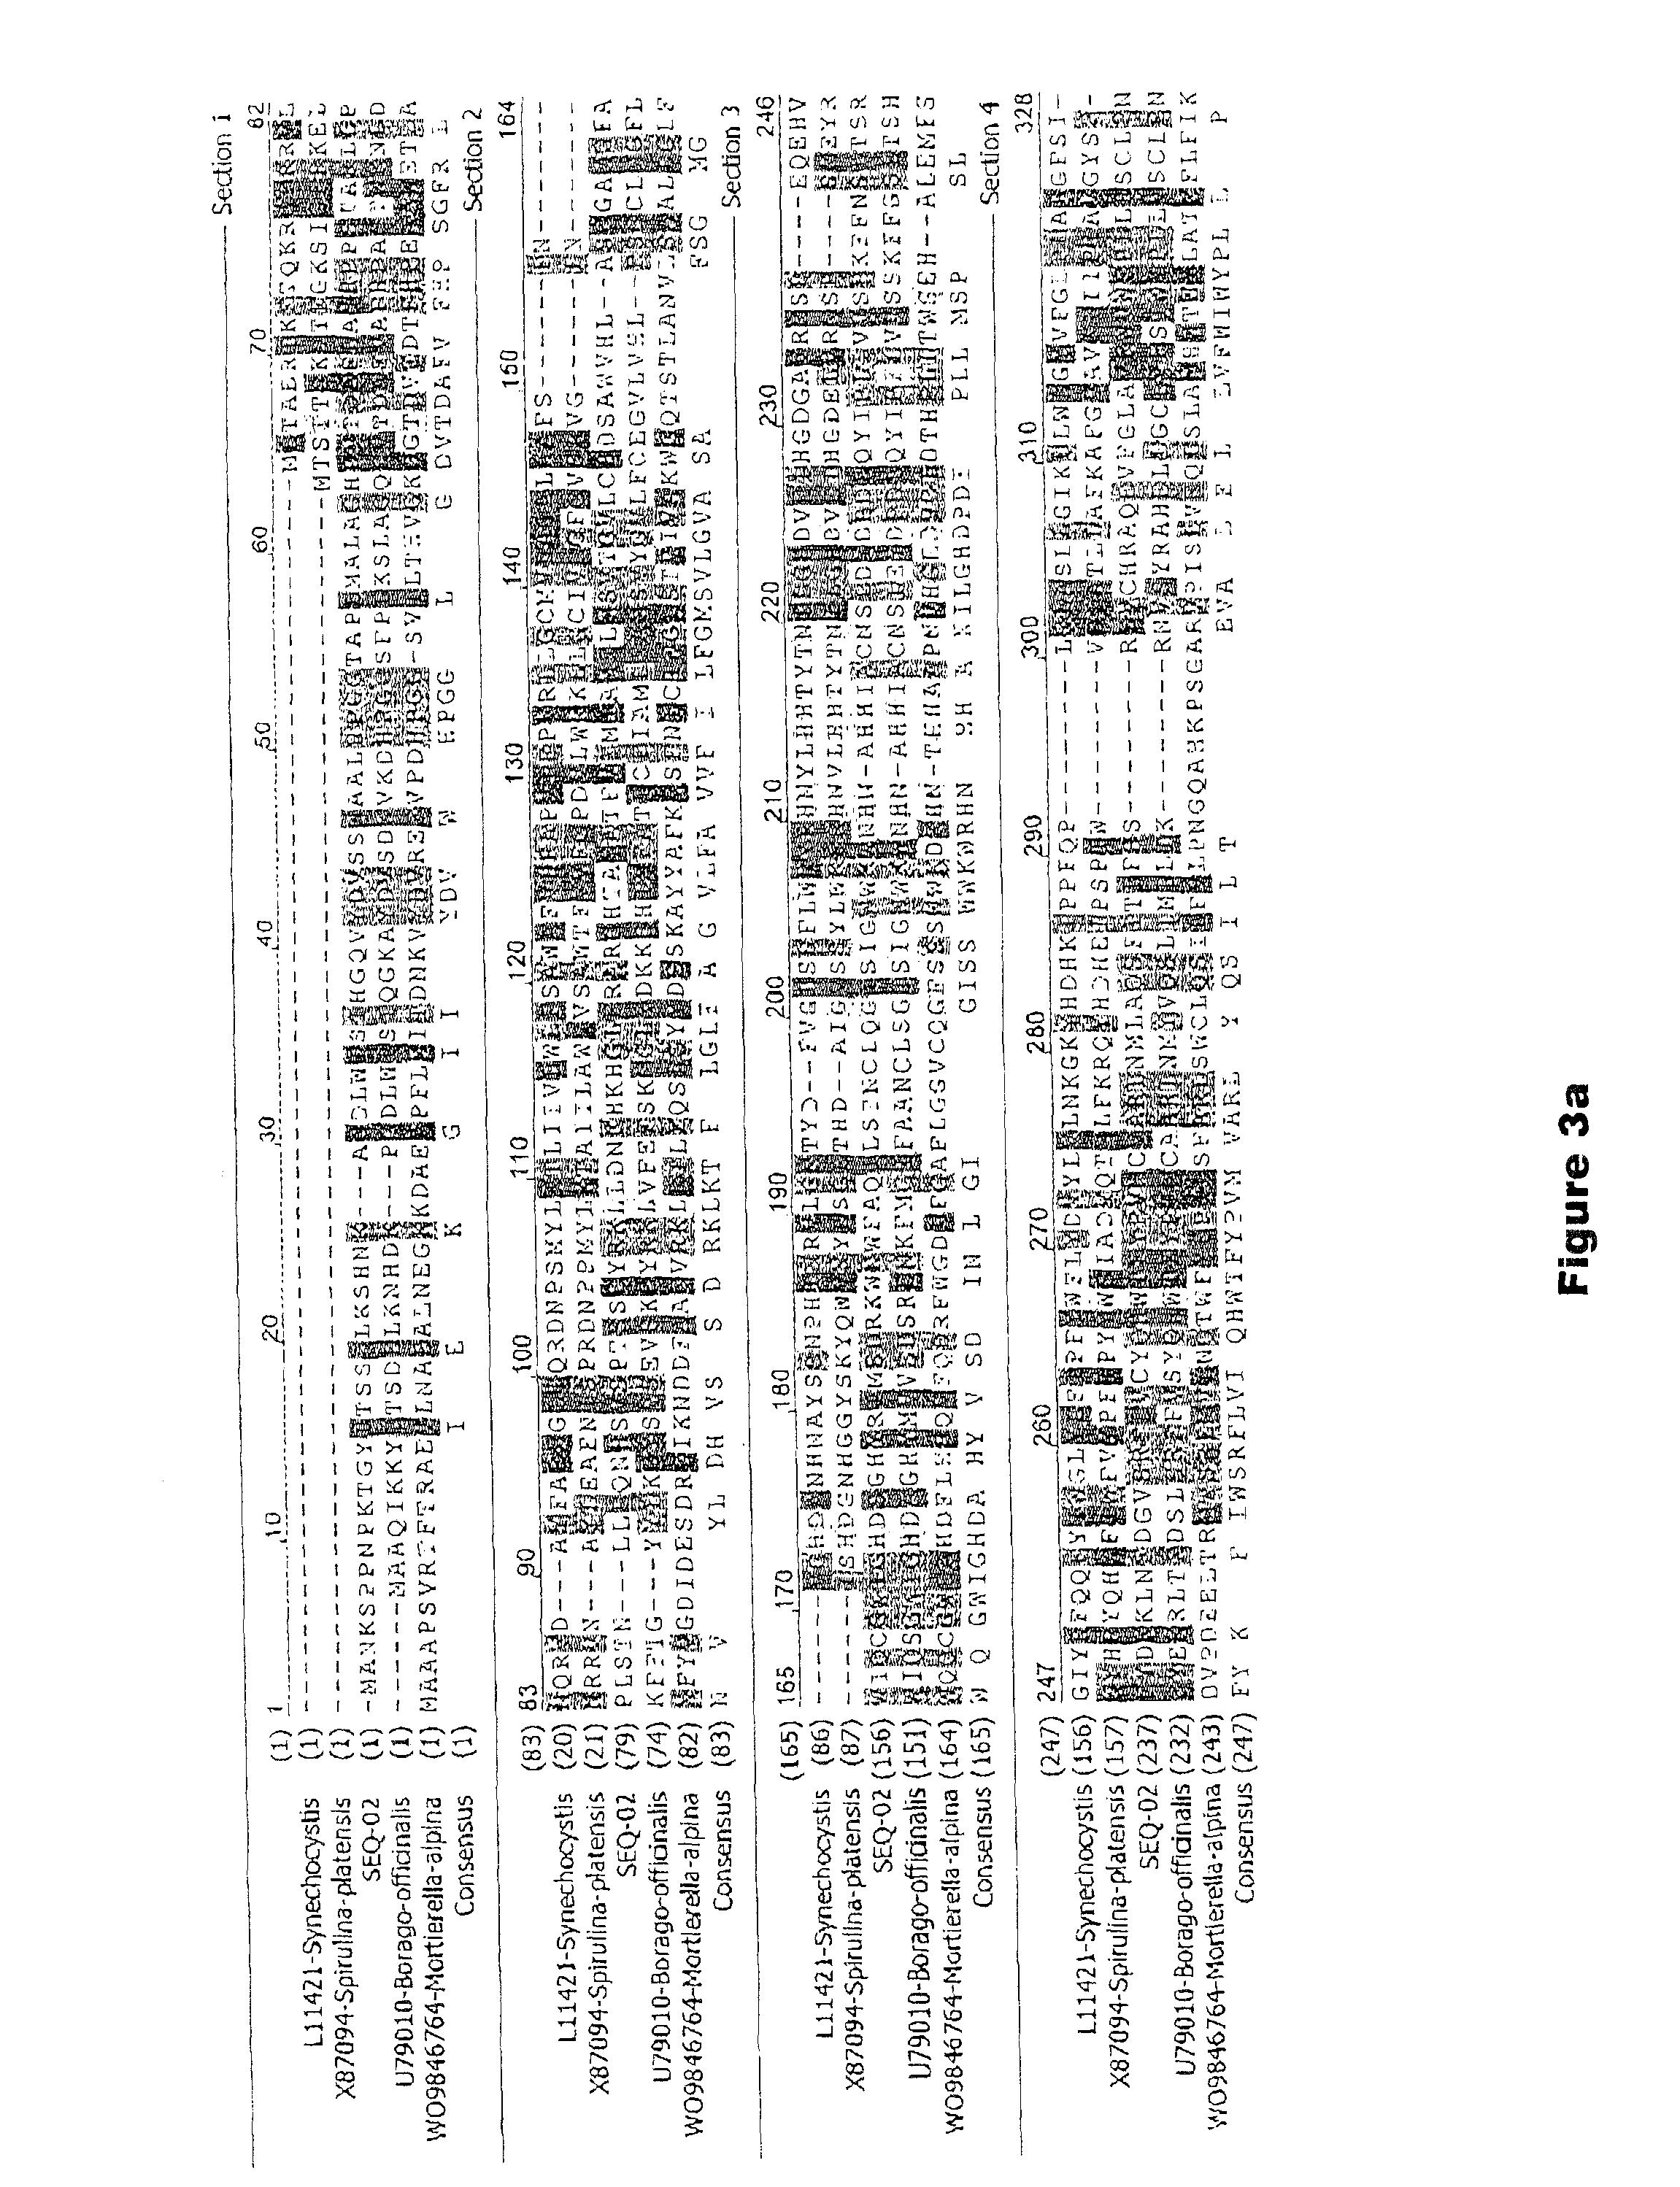 1000uF 16V GD10787 ECA1CAM102X Panasonic Kondensator